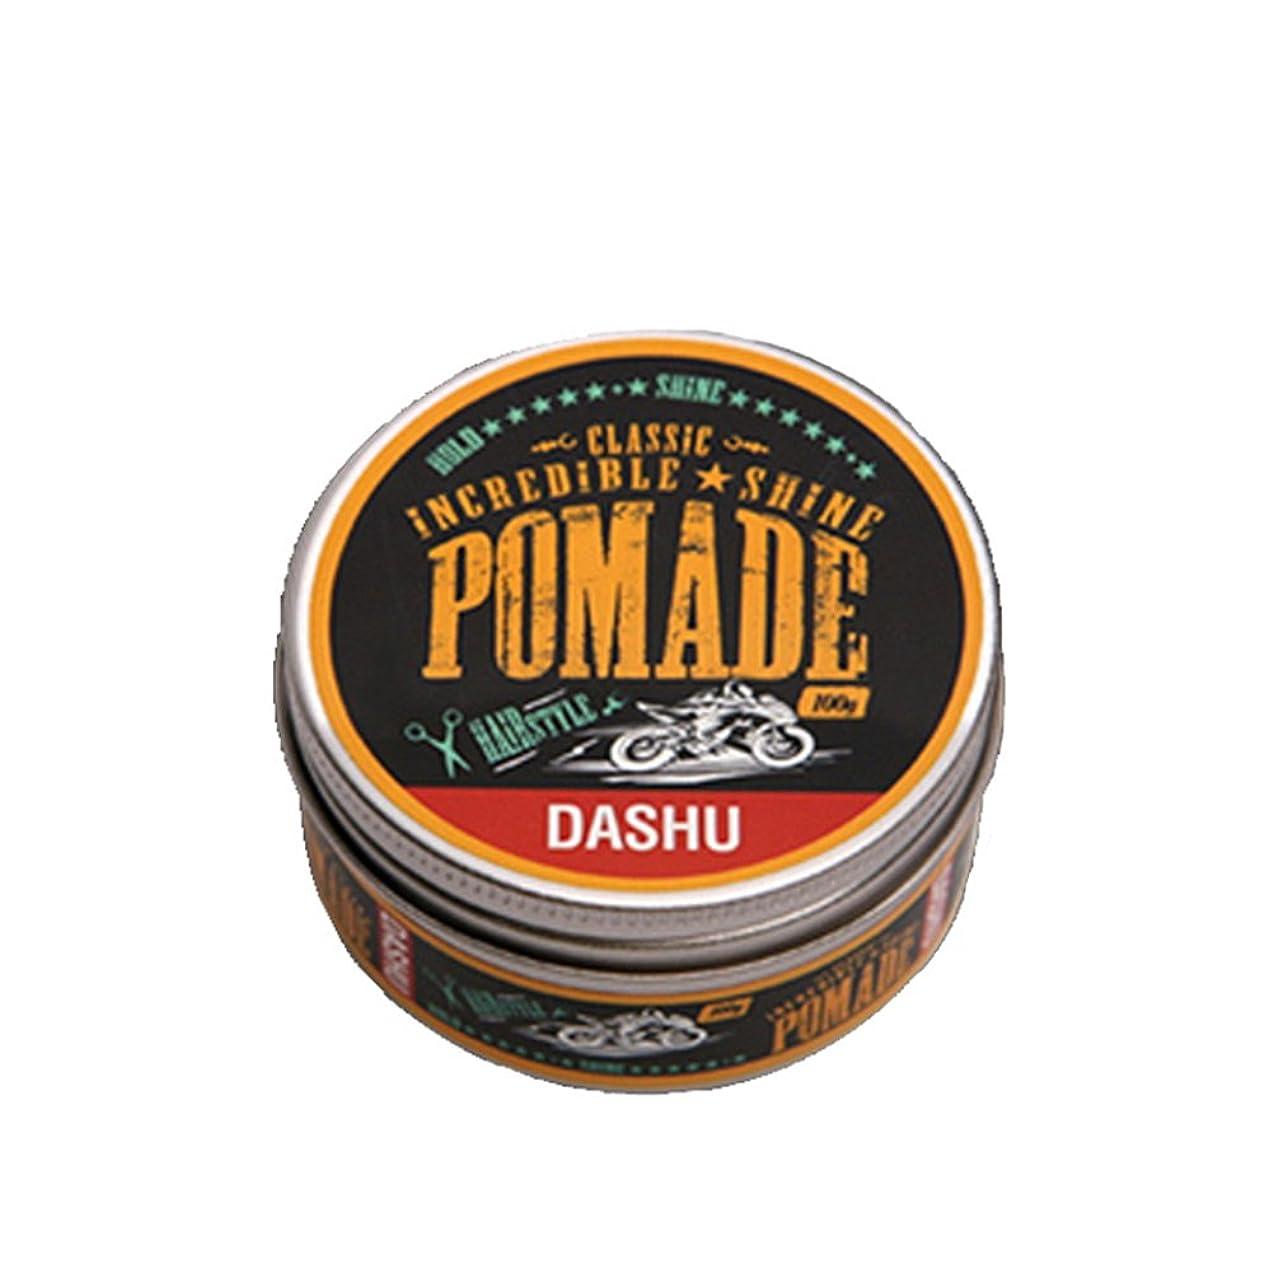 予見する砂漠試み[DASHU] ダシュ クラシック 信じられないほどの輝き ポマードワックス Classic Incredible Shine Pomade Hair Wax 100ml / 韓国製 . 韓国直送品